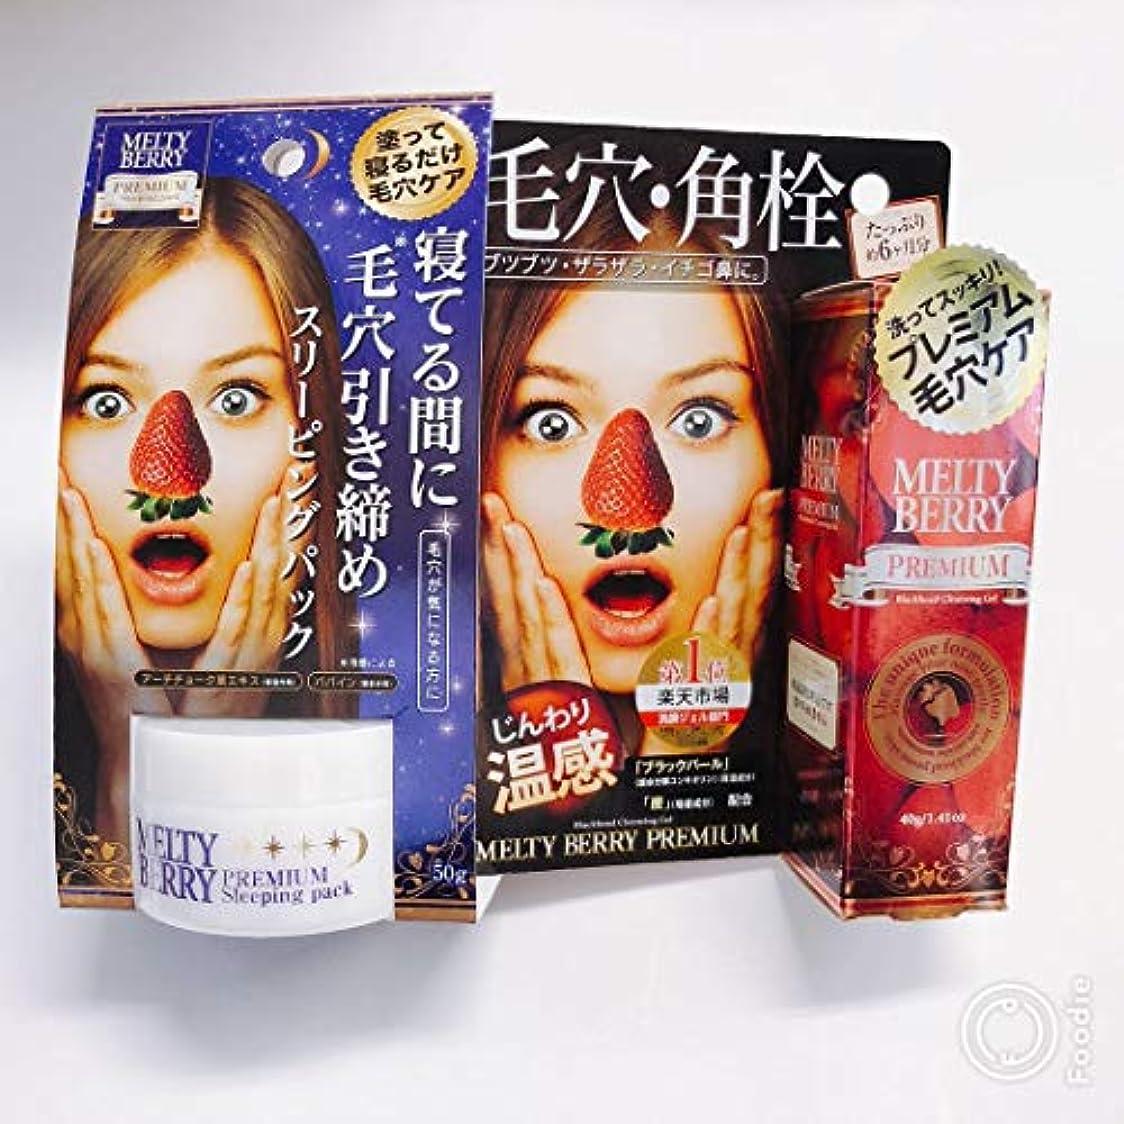 ランデブーイブニング特徴メルティベリープレミアム毛穴角栓ジェル+プレミアム スリーピングパック セットMELTY BERRY草莓鼻